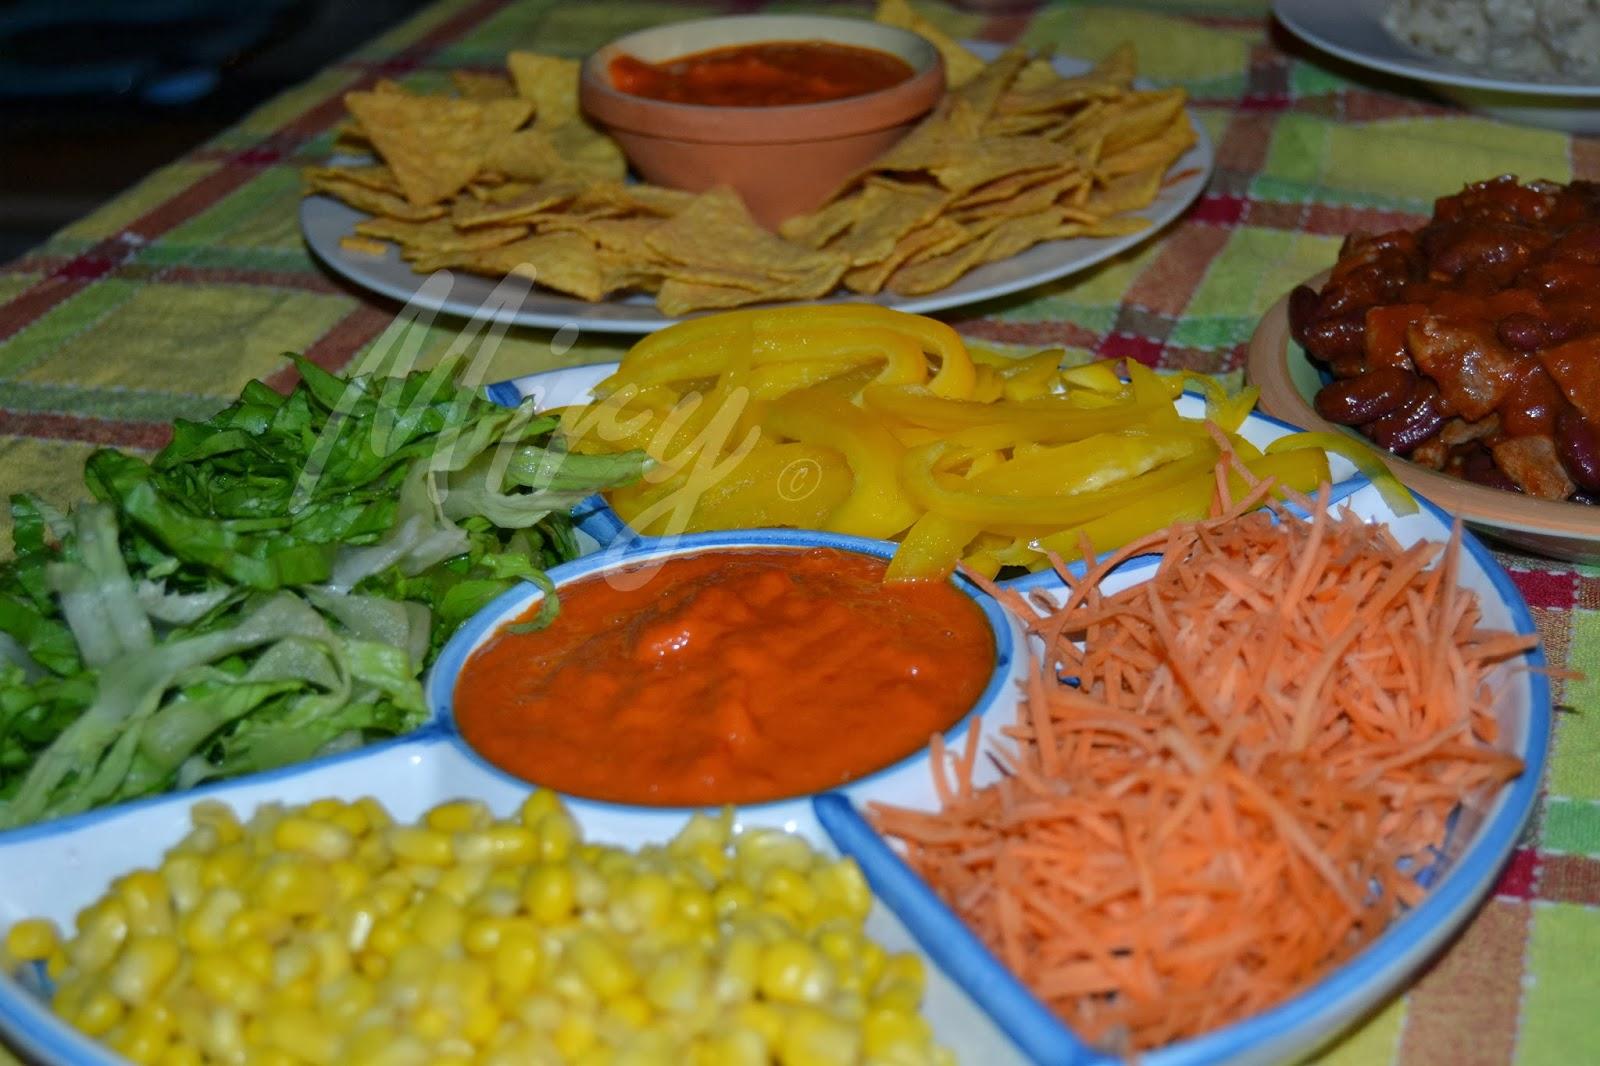 Cucina e altre passioni...: Cucina dal mondo: Cena messicana